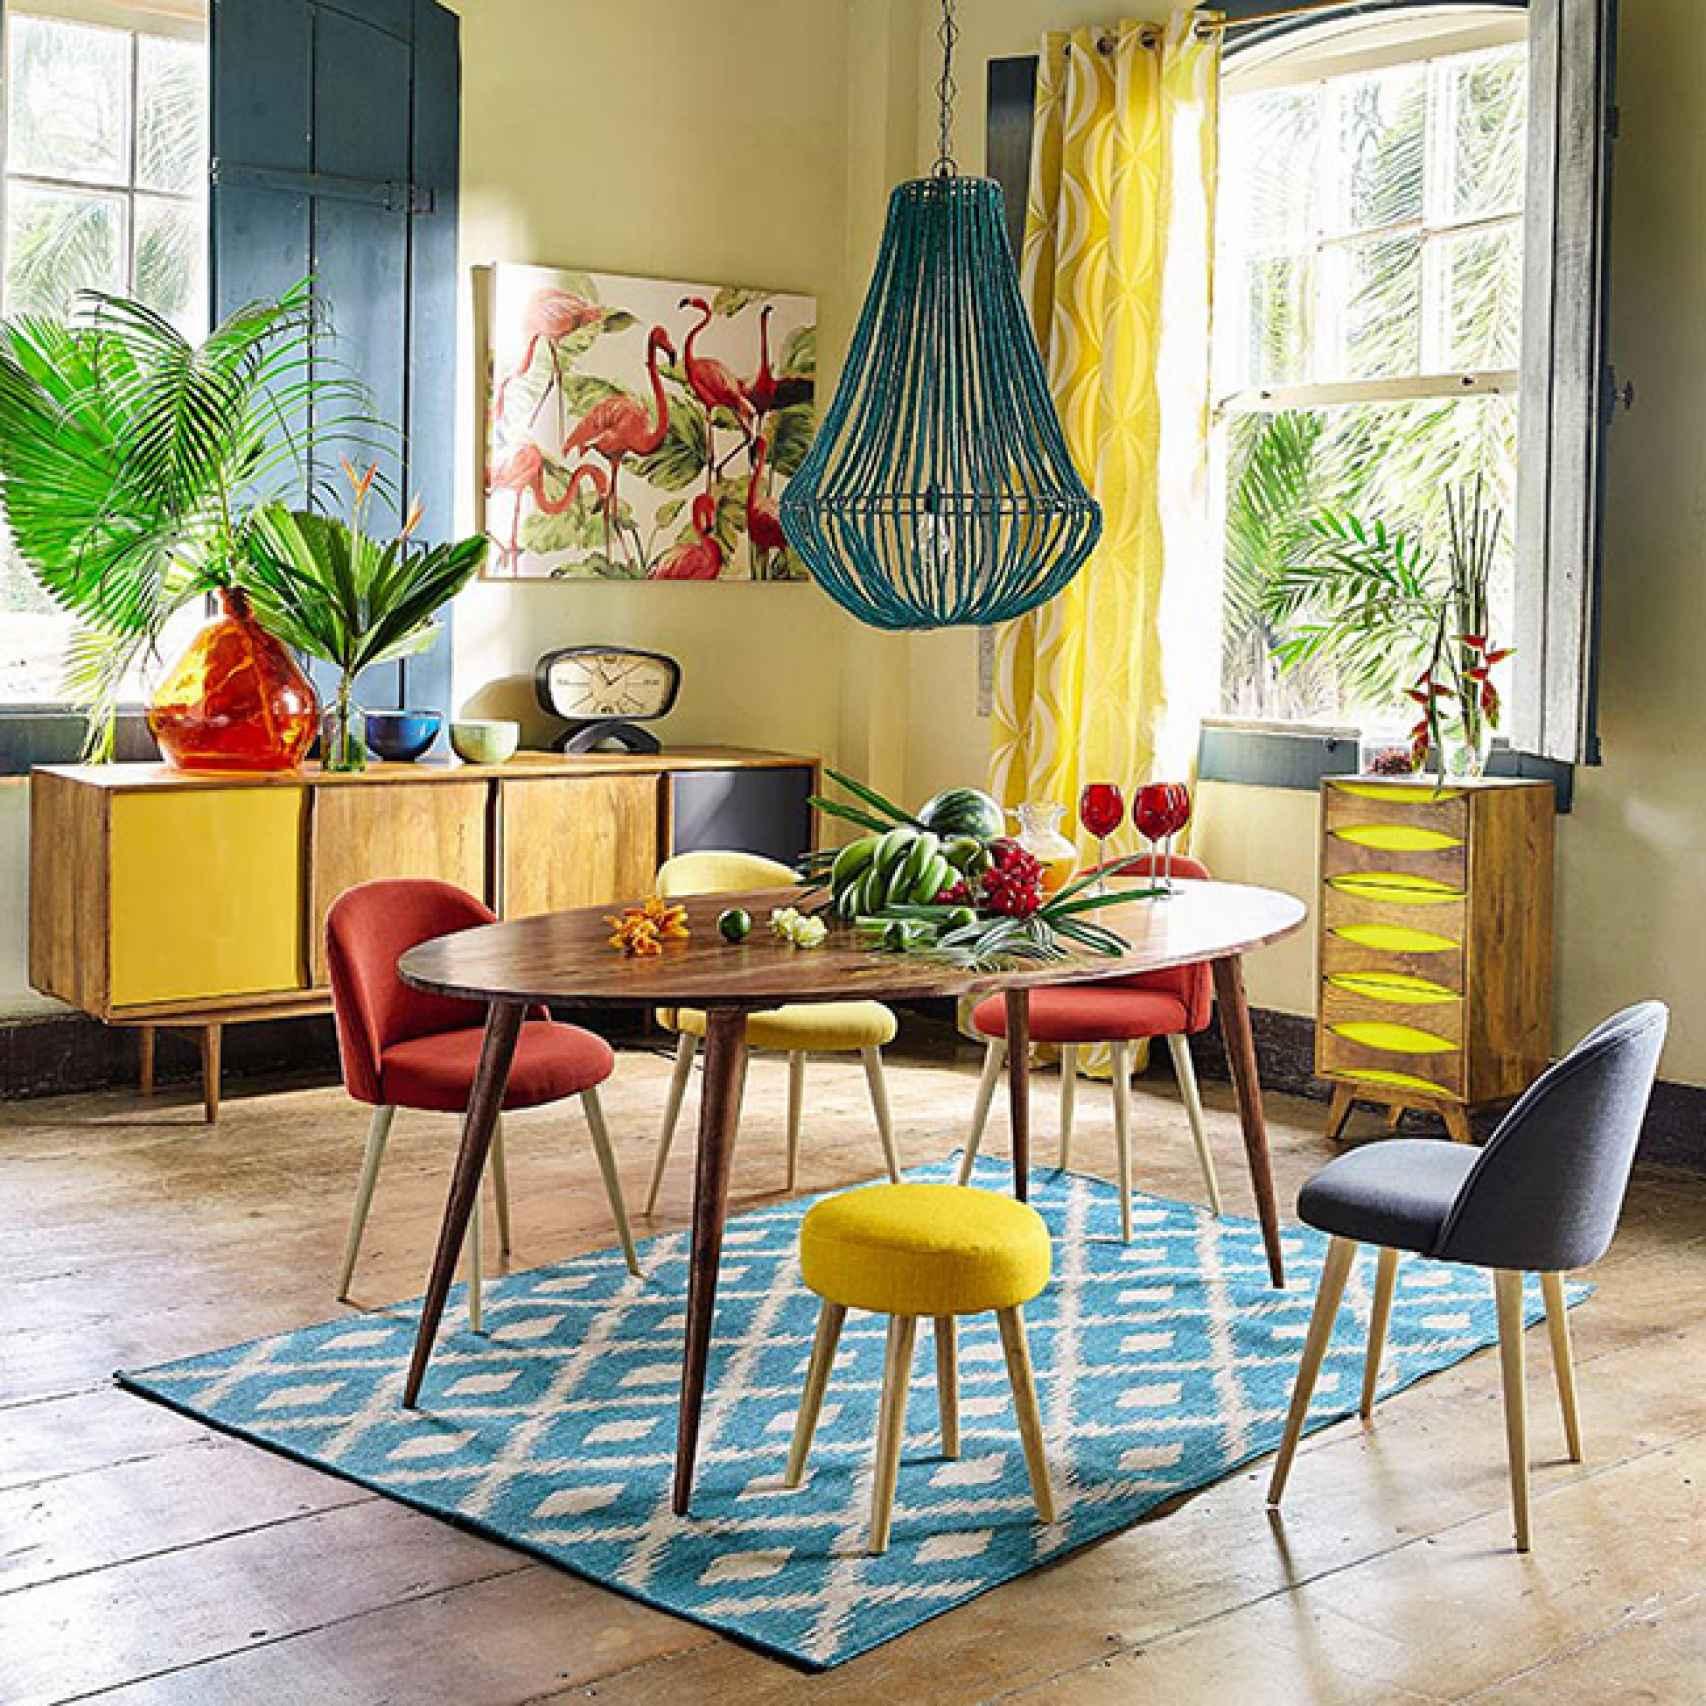 El color amarillo da energía y el rojo abre el apetito. Foto: Maisons du Monde.